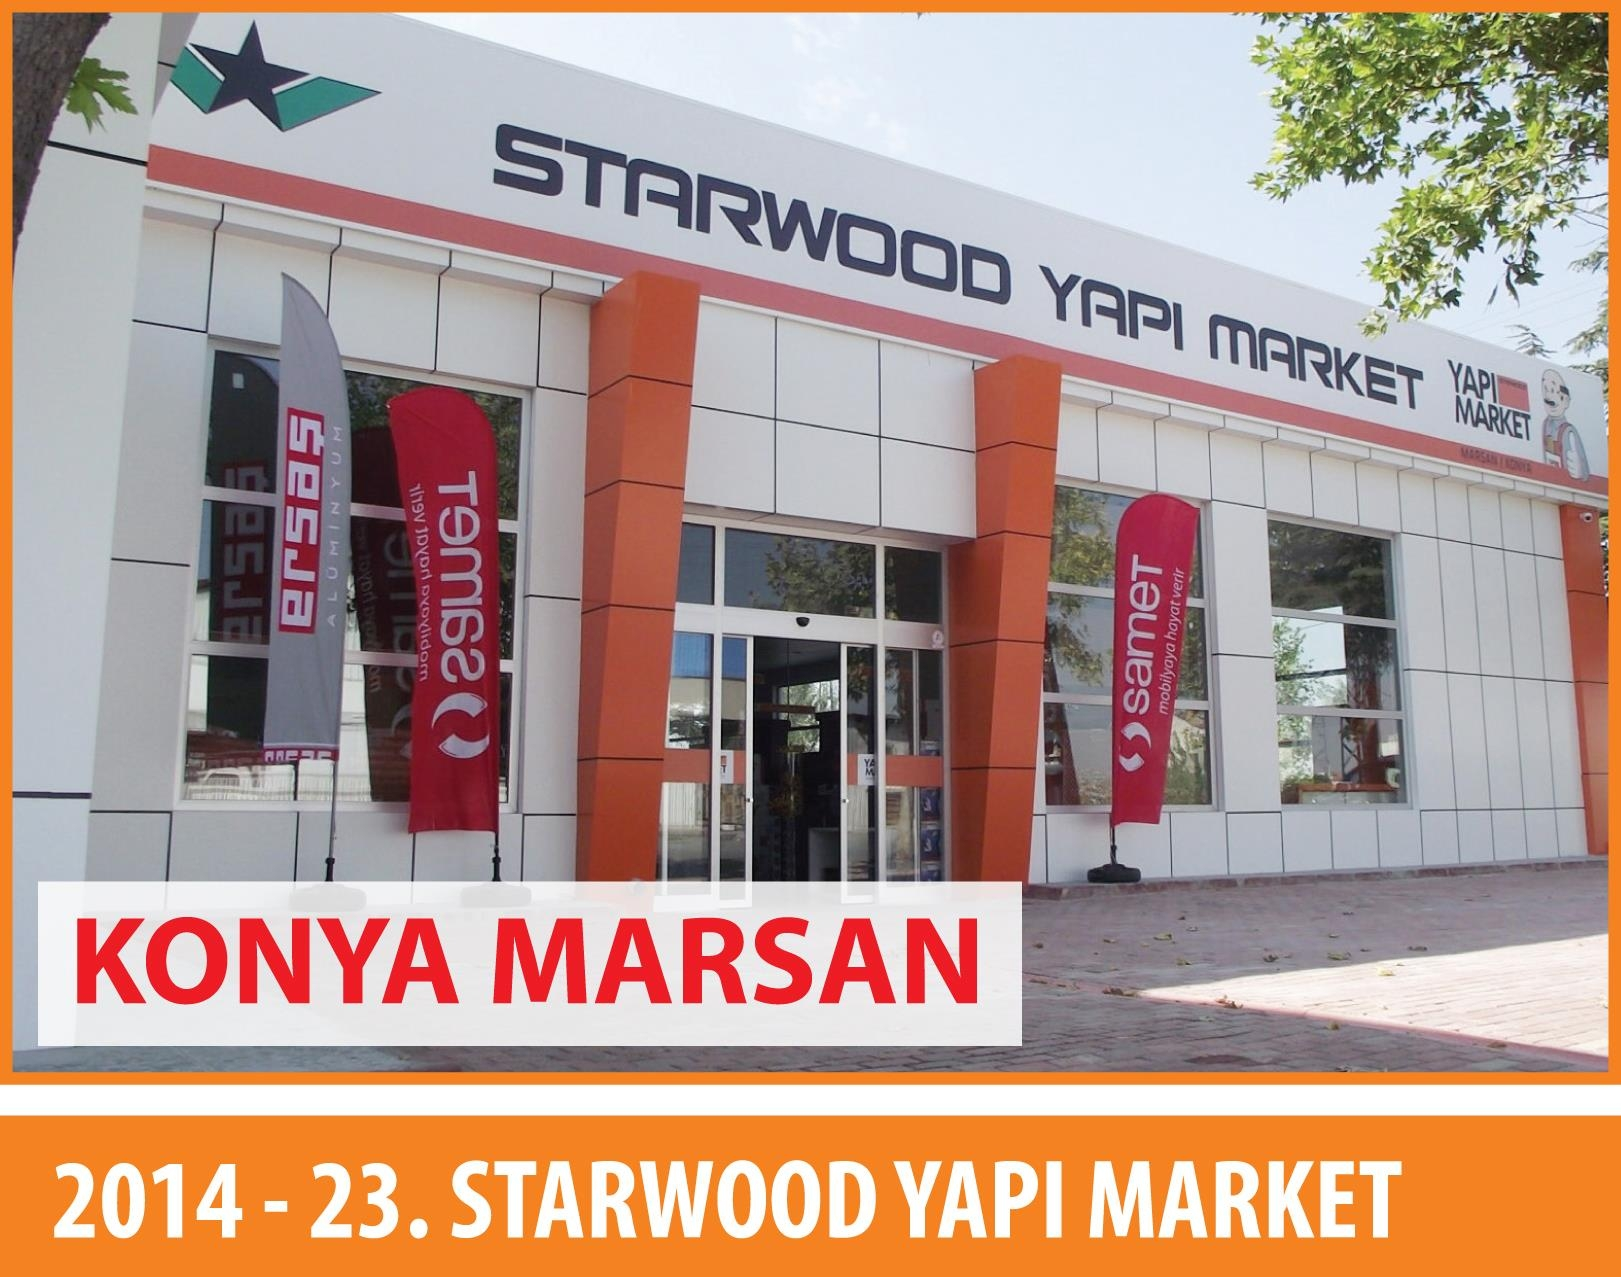 Konya Marsan Mağaza